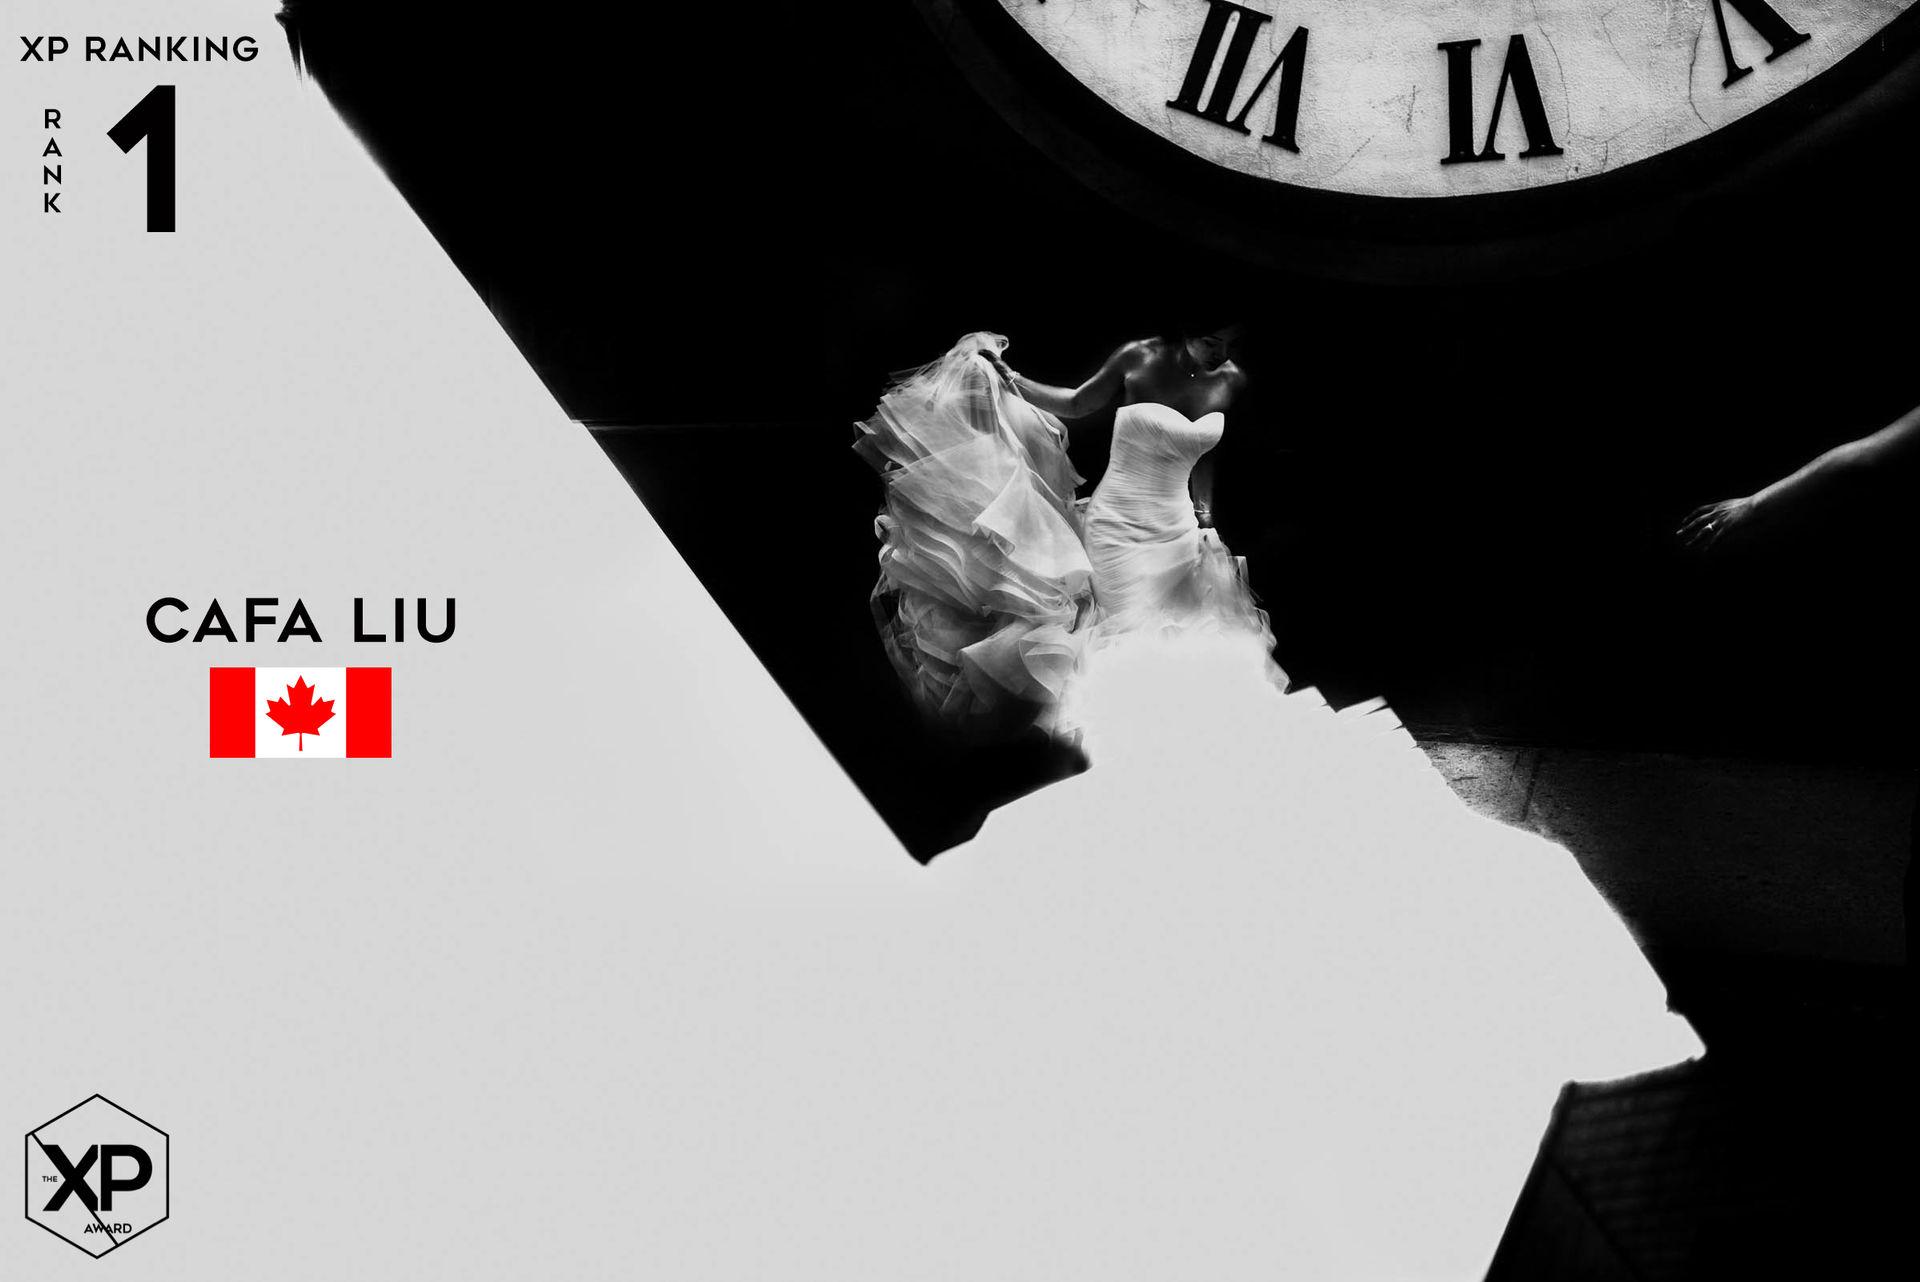 Master Cafa Liu - CANADA